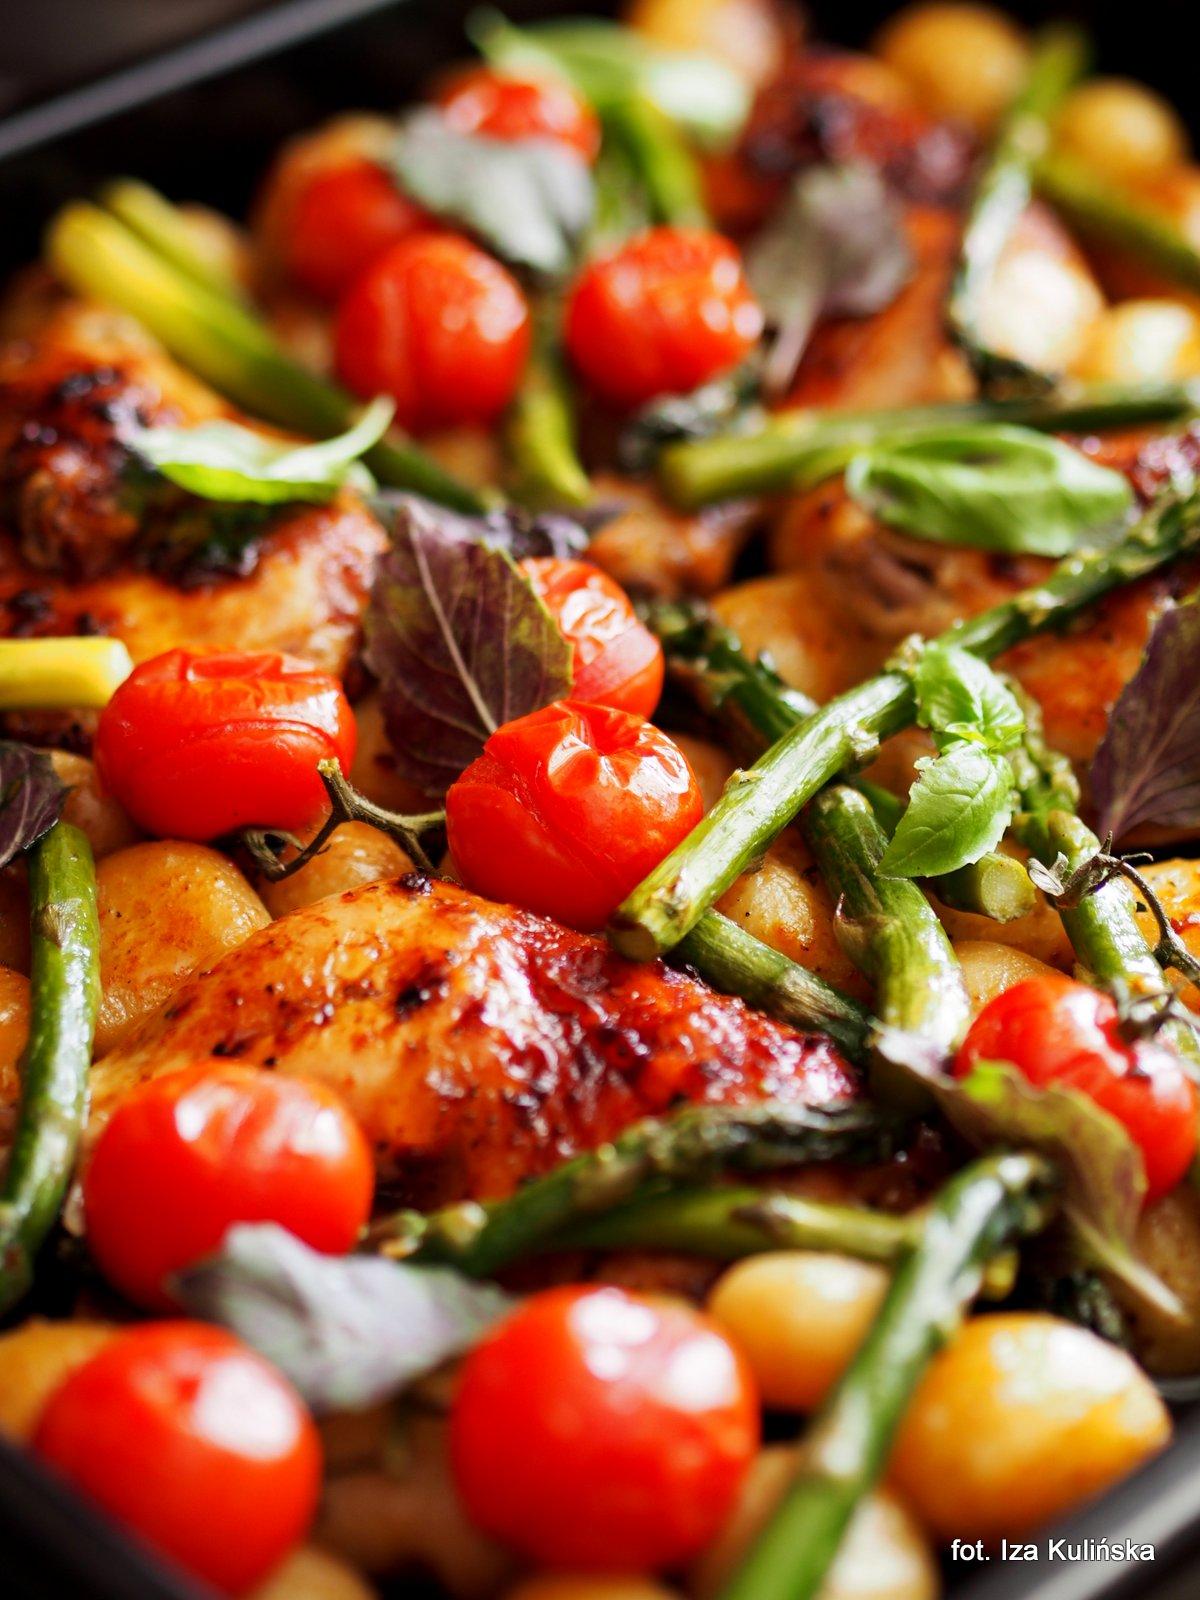 Cały obiad z piekarnika. Kurczak pieczony z młodymi warzywami, w marynacie z oleju rzepakowego